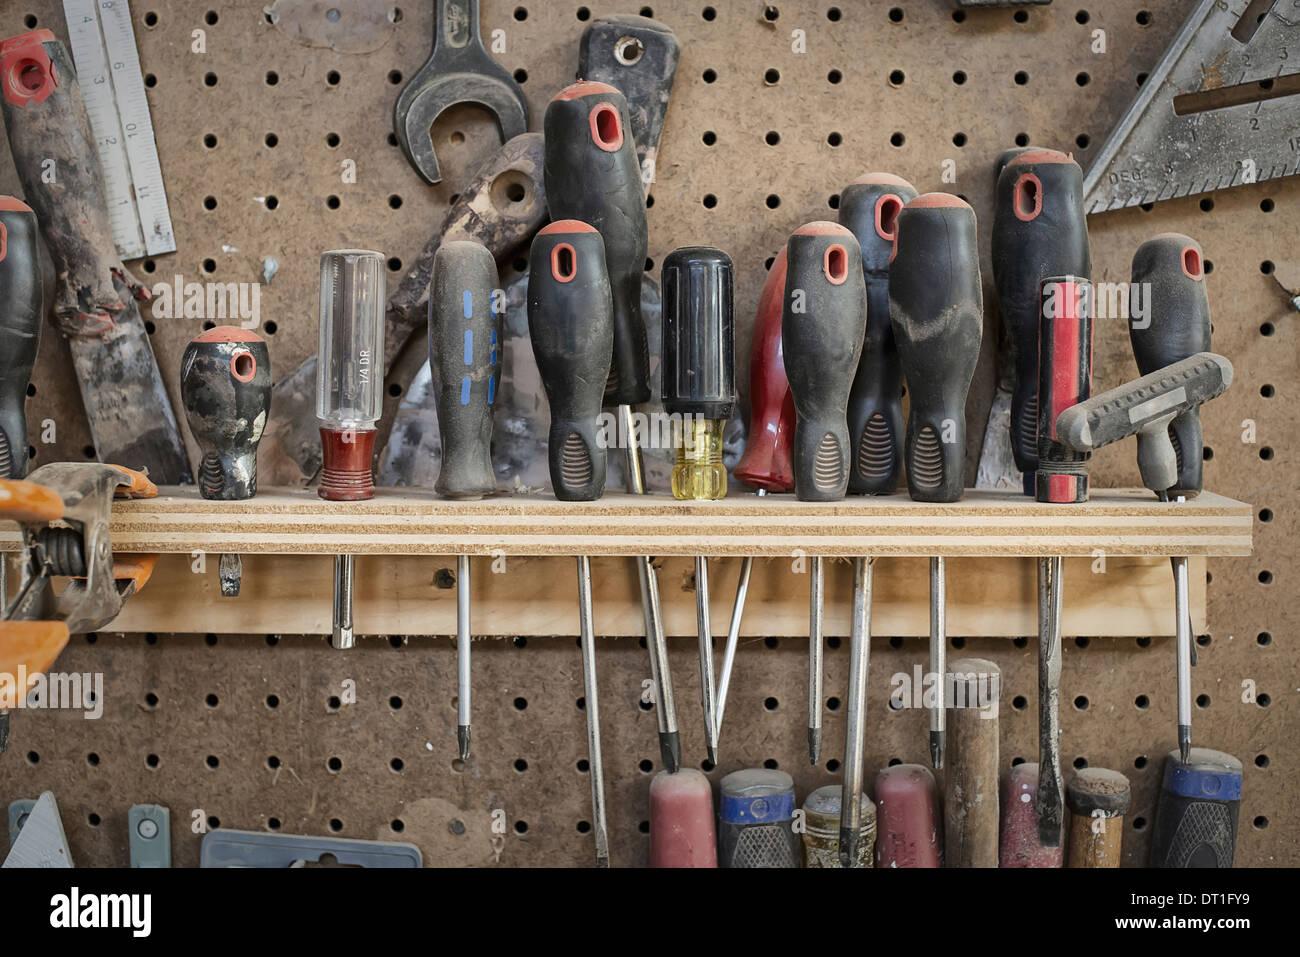 Un legname rigenerati workshop un utensile bordo con slot per cacciaviti e palmare gli strumenti per la lavorazione Immagini Stock